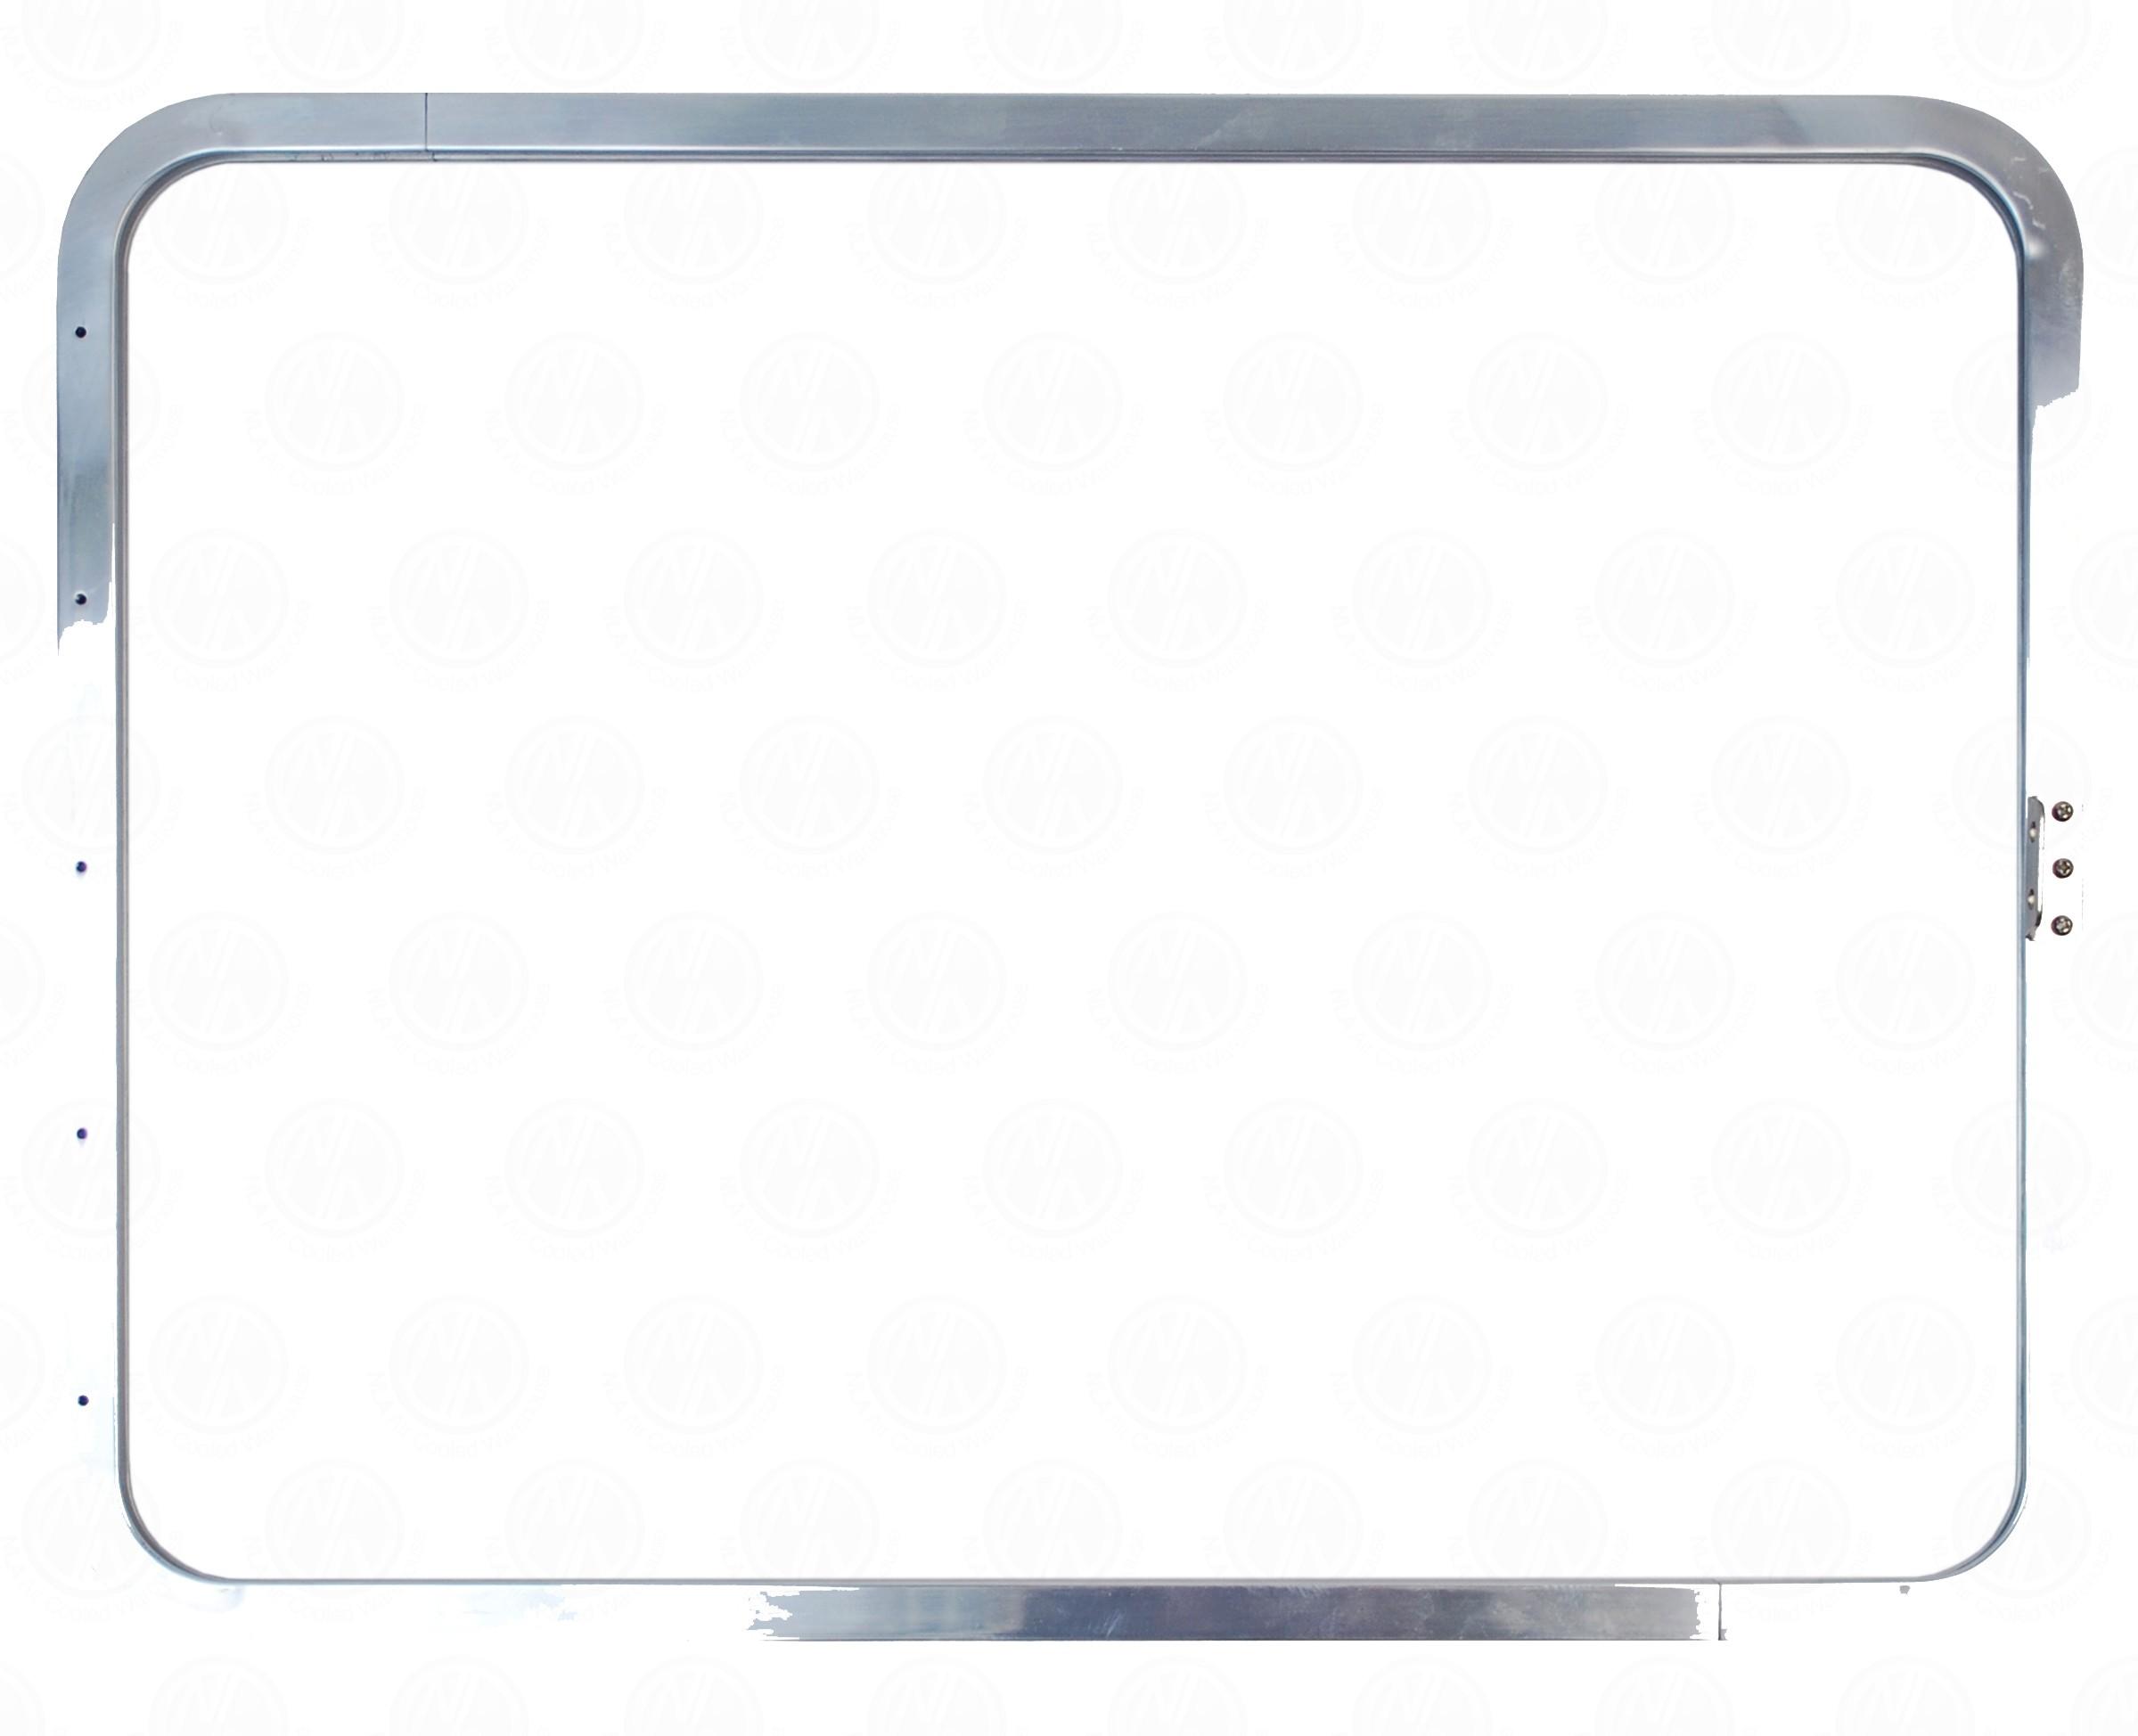 Ungewöhnlich Picture Frame Glass Fotos - Bilderrahmen Ideen - szurop ...